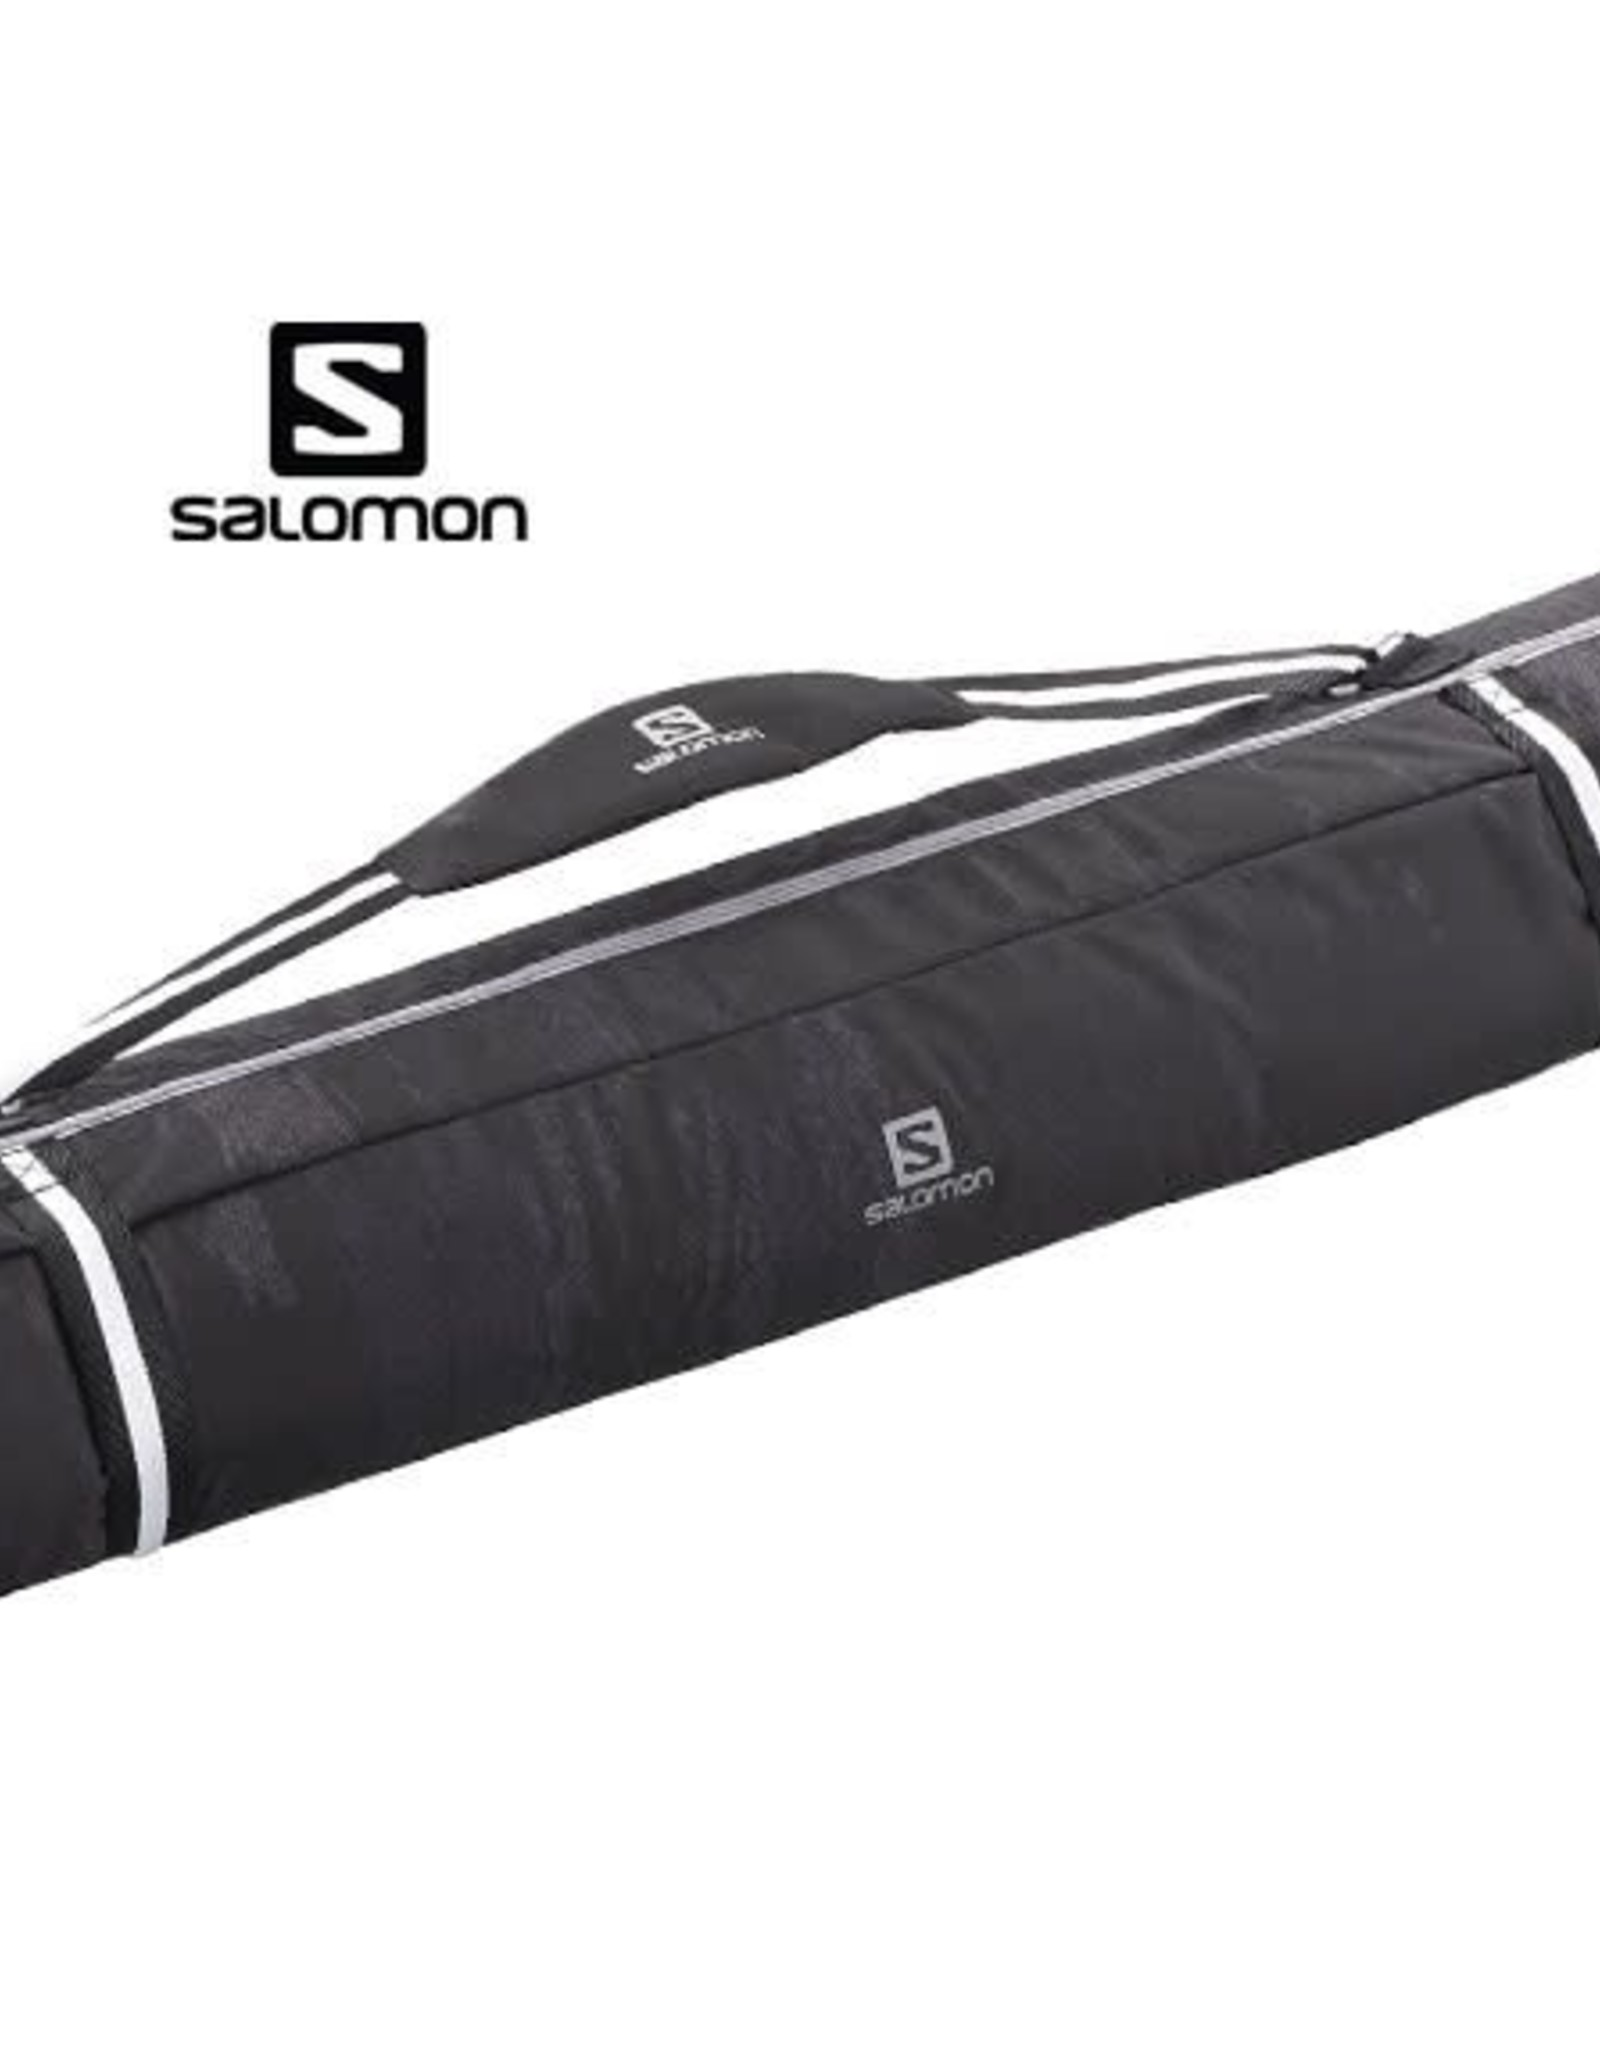 SALOMON SALOMON Skitas 165+20 Zwart